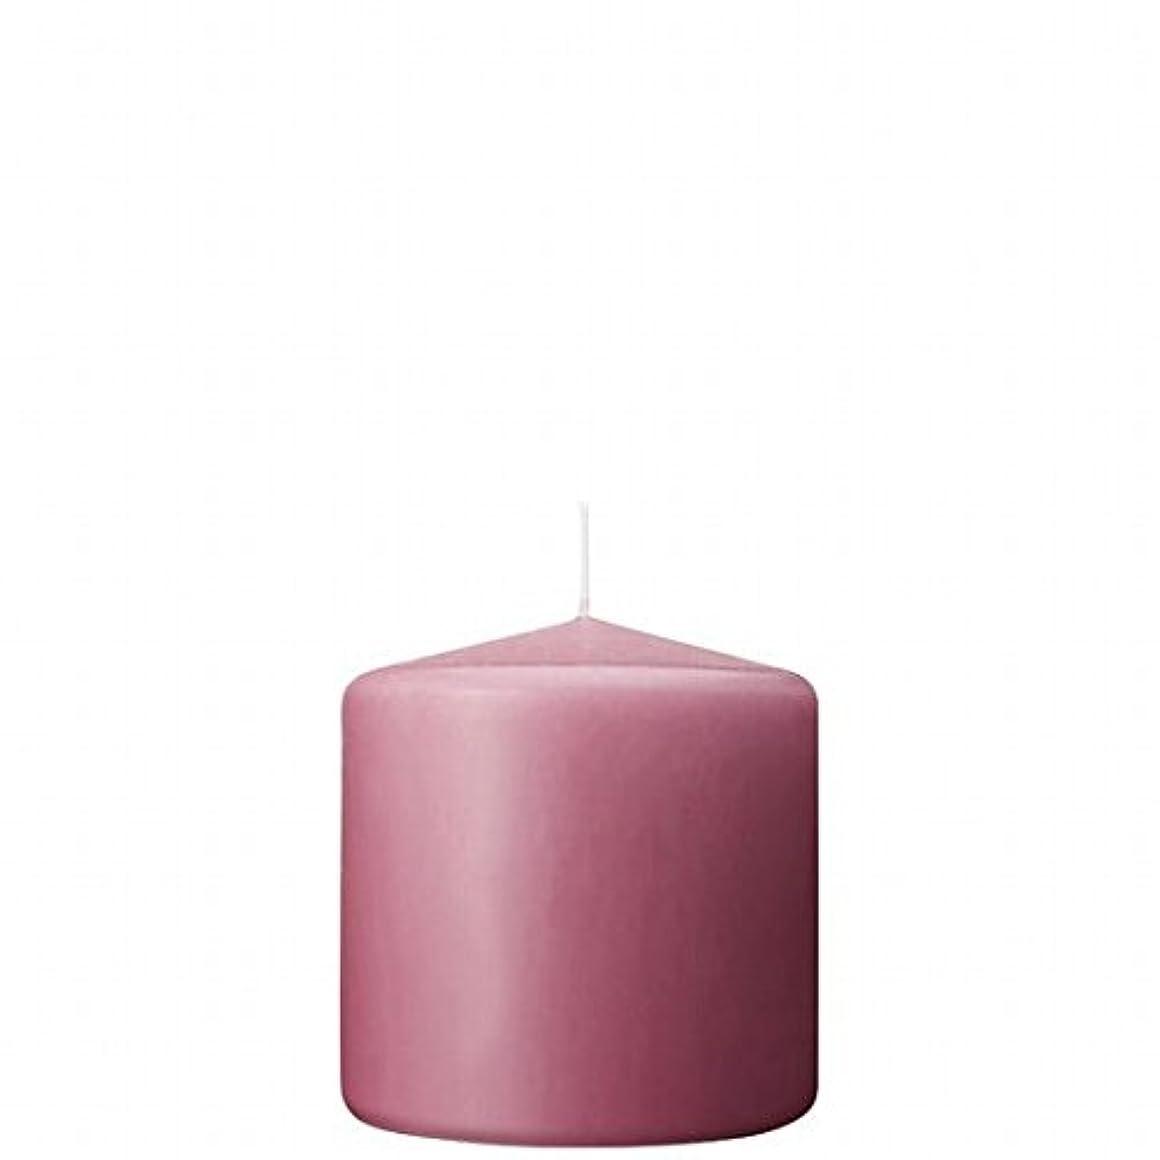 防止叫ぶ詐欺カメヤマキャンドル(kameyama candle) 3×3ベルトップピラーキャンドル 「 ラベンダークリーム 」